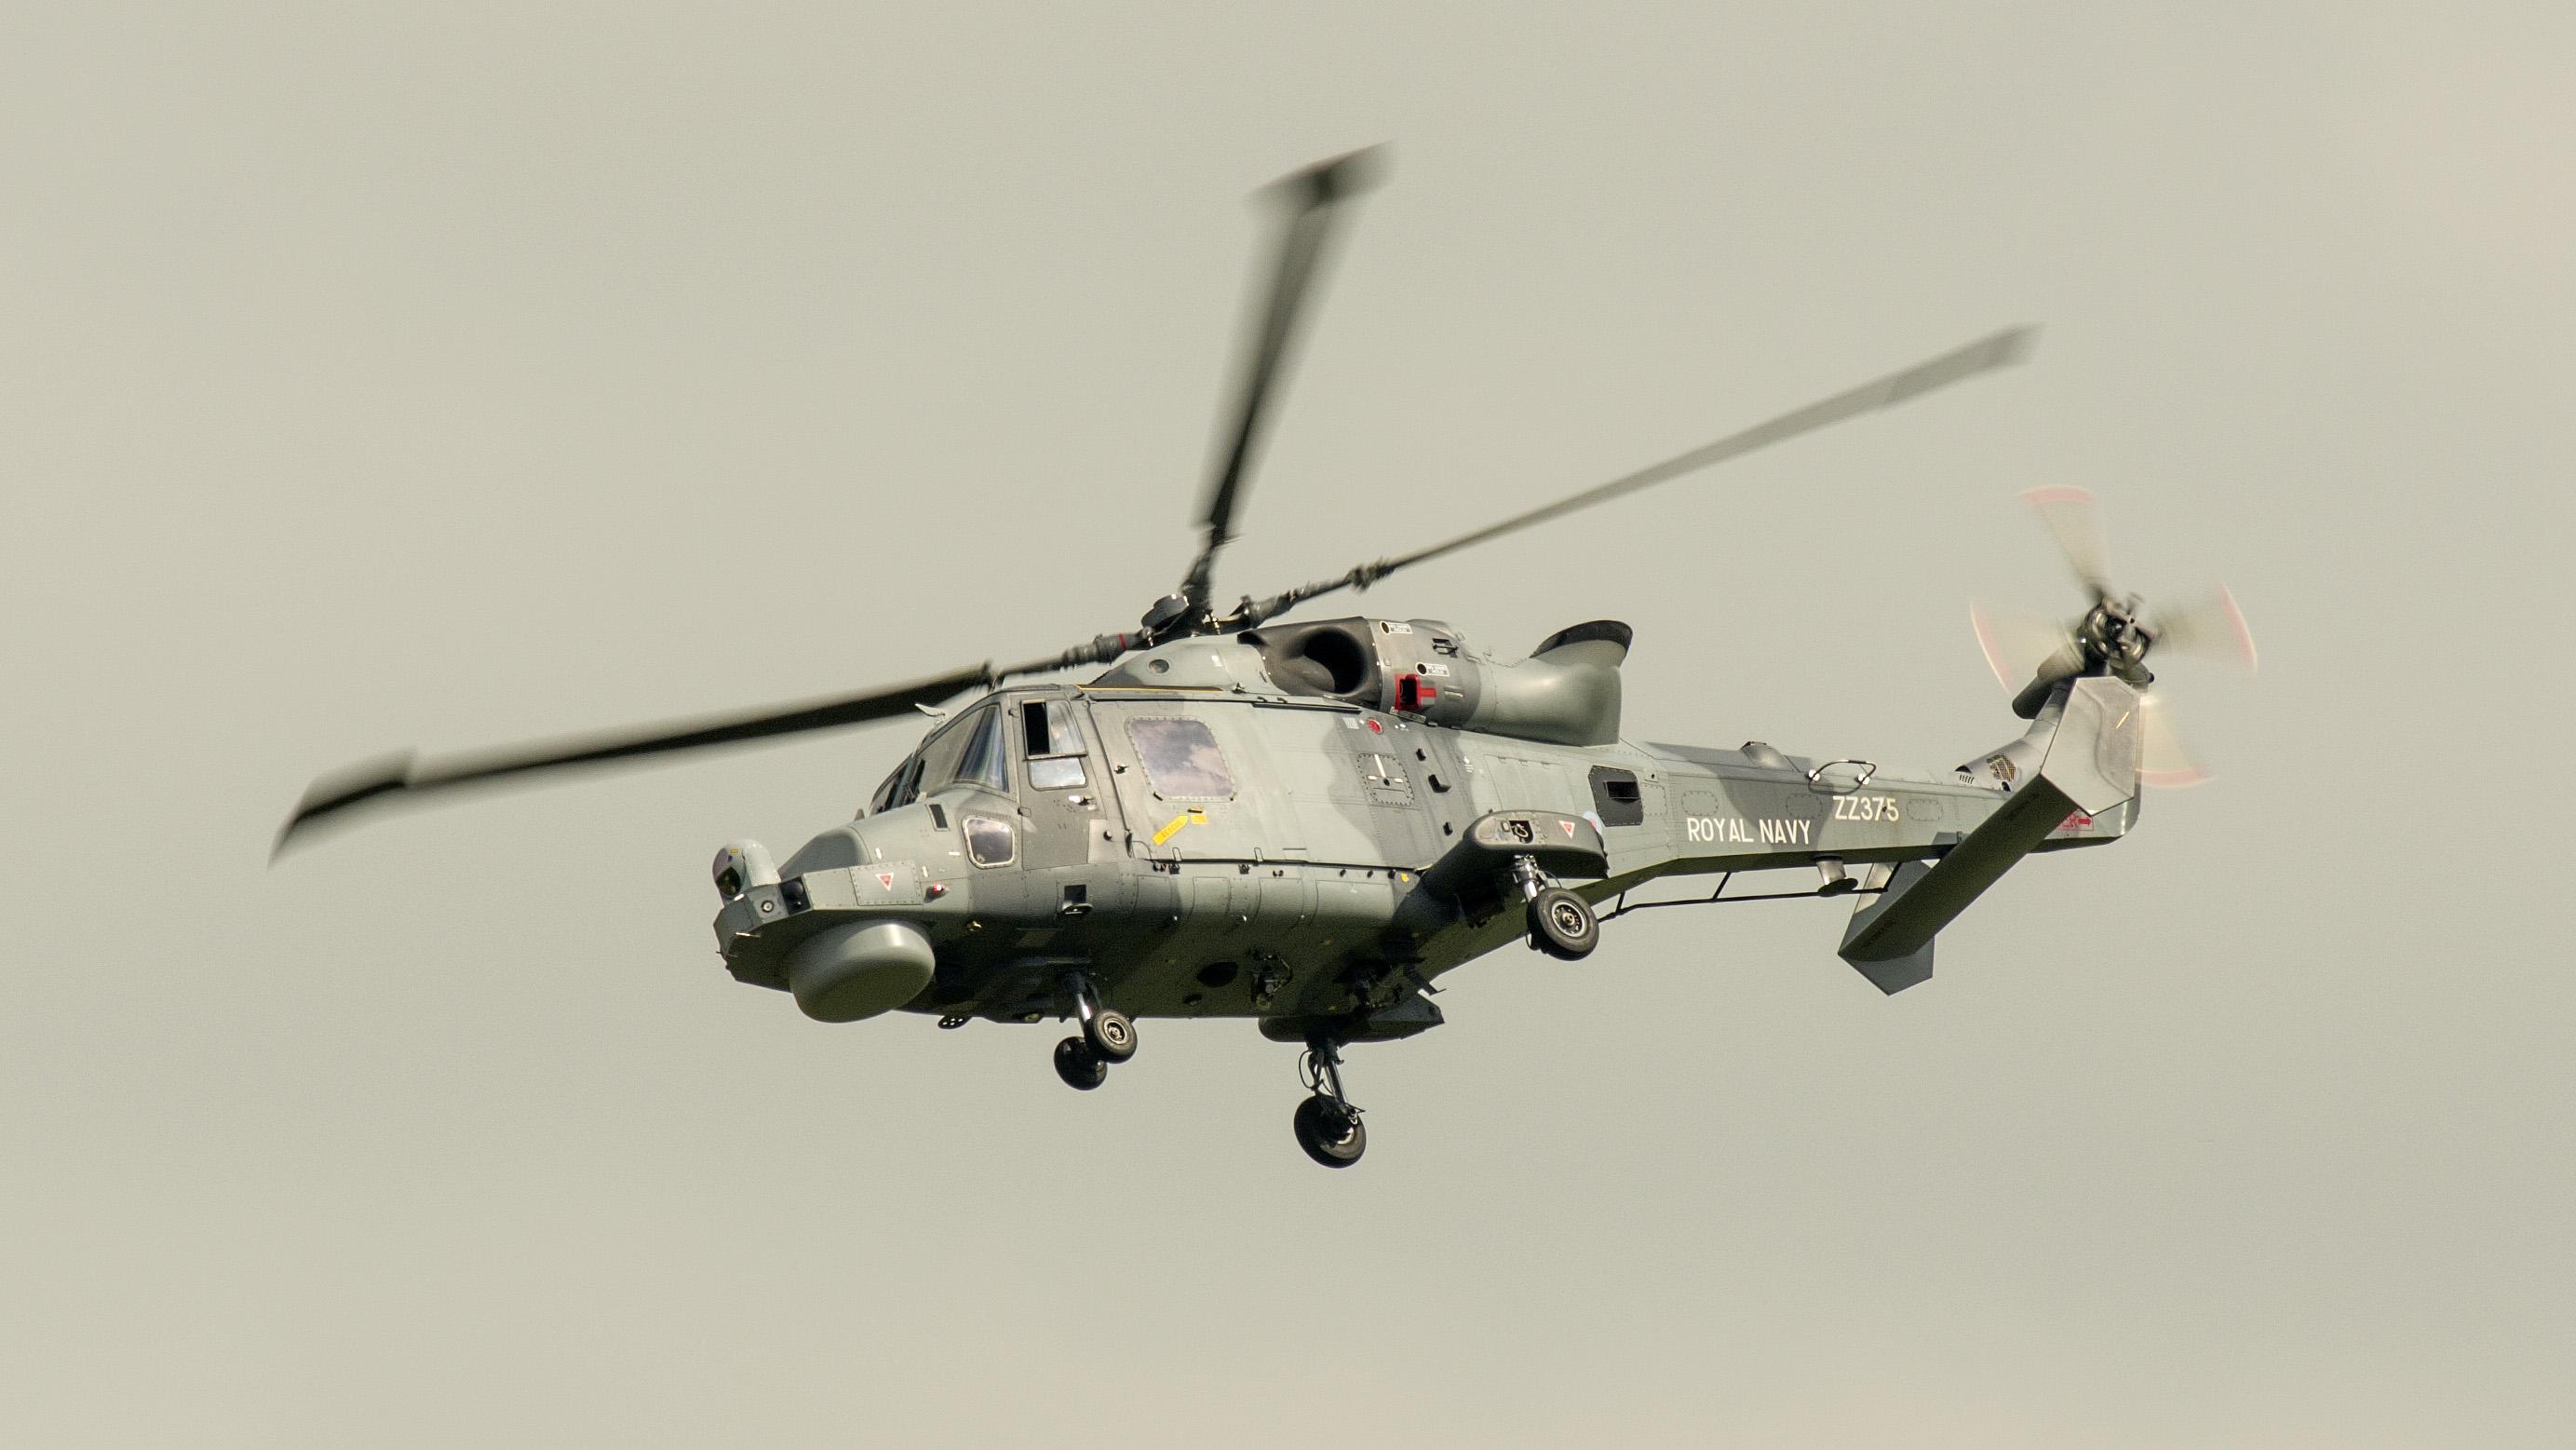 _IMG1932 AgustaWestland AW-159 Wildcat ZZ375 Royal Navy